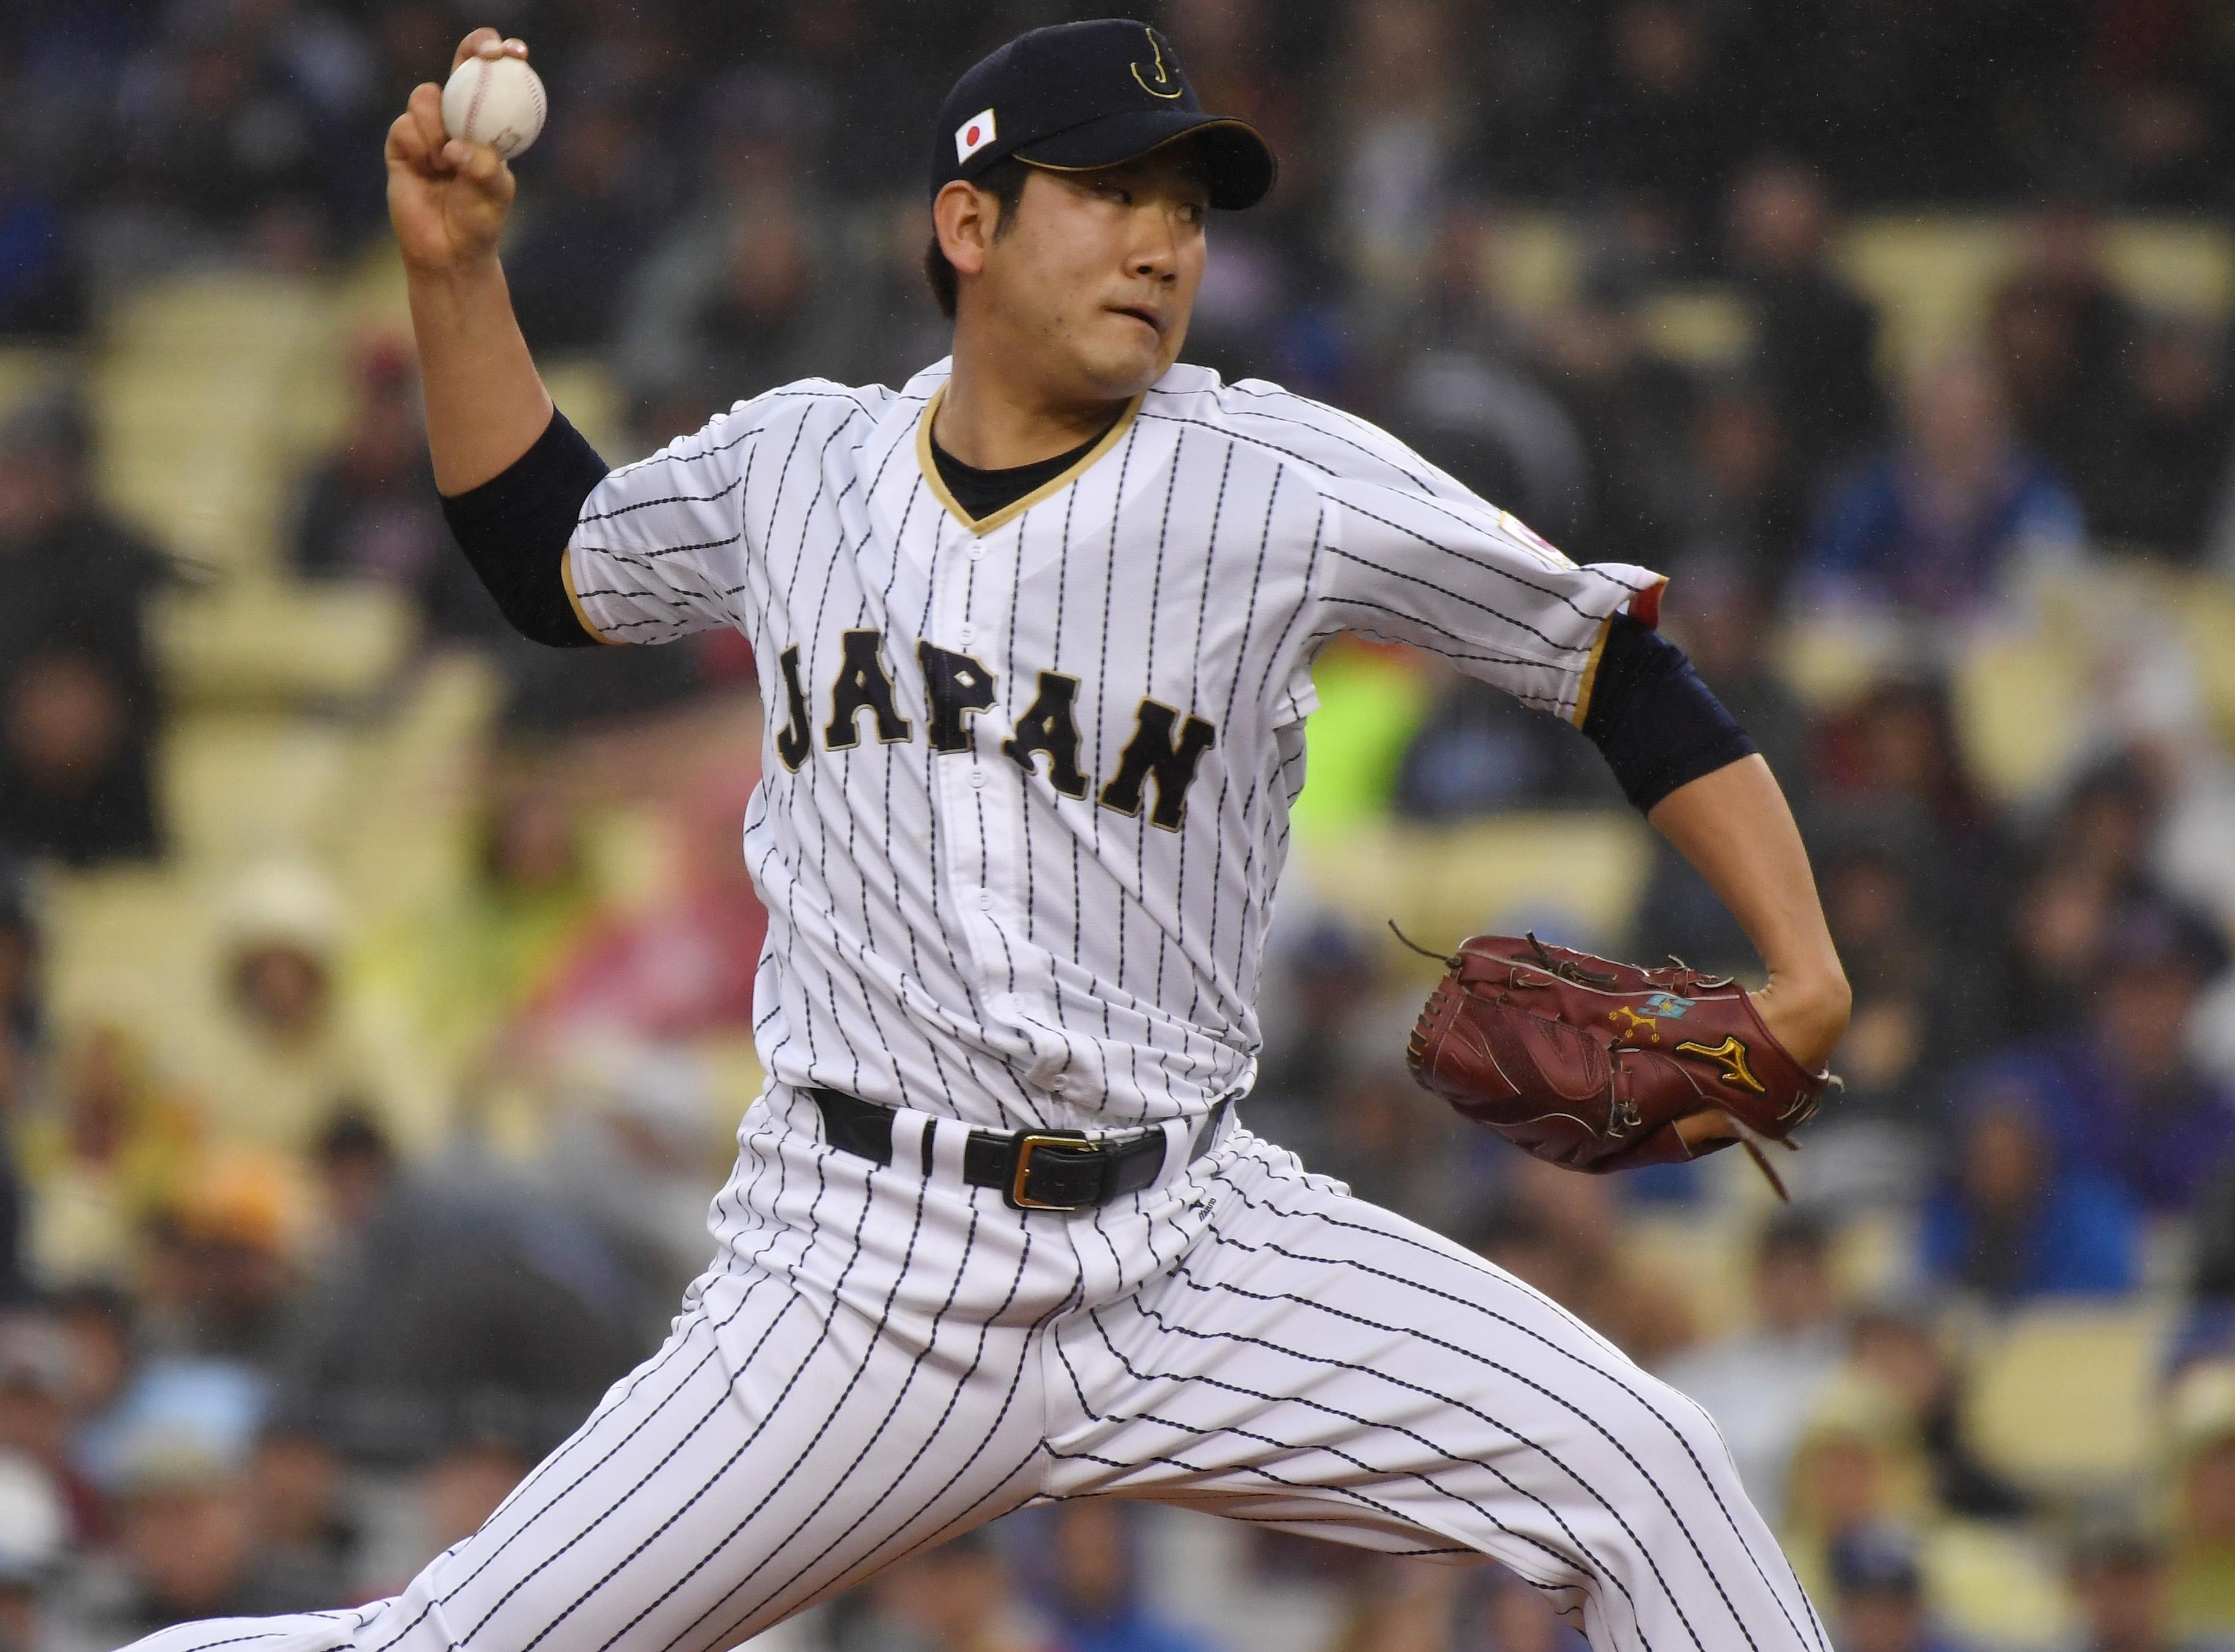 Tomoyuki Sugano, New York Yankees